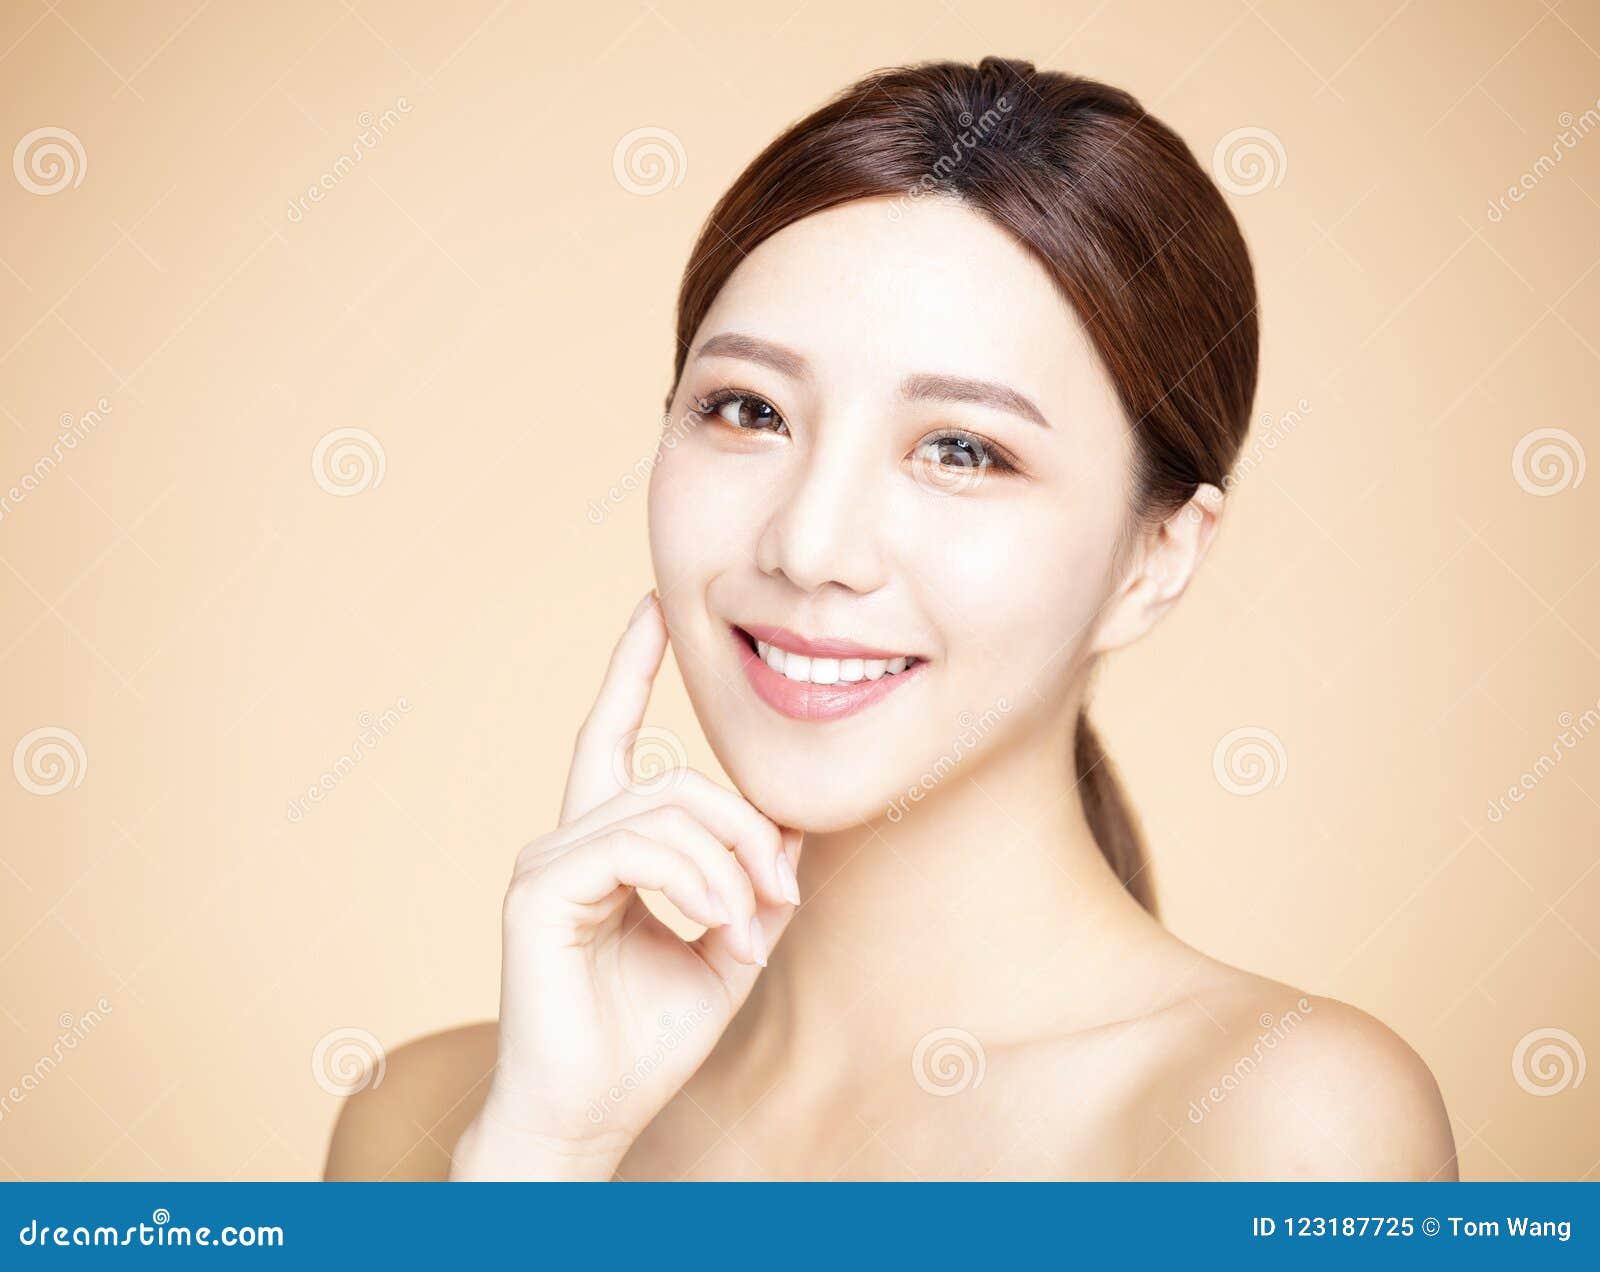 Mulher Com Composicao Natural E Pele Limpa Imagem De Stock Imagem